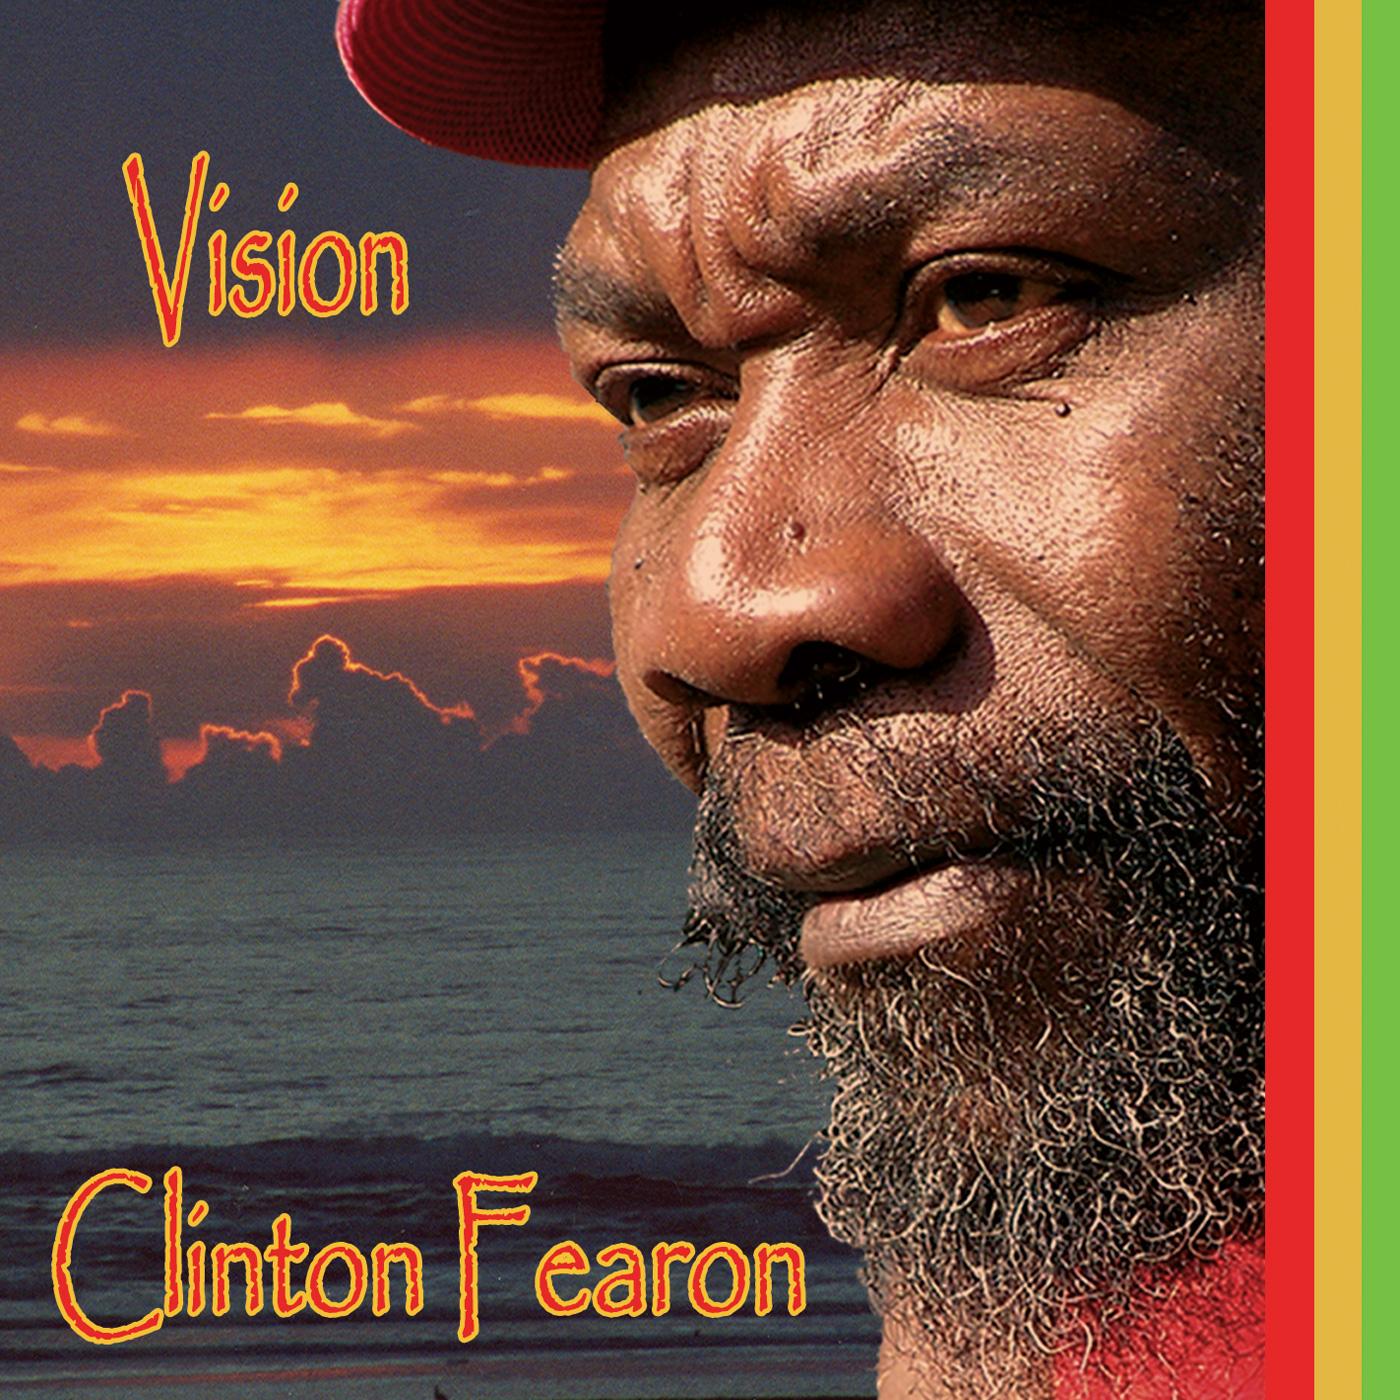 Clinton Fearon - Vision (2006)